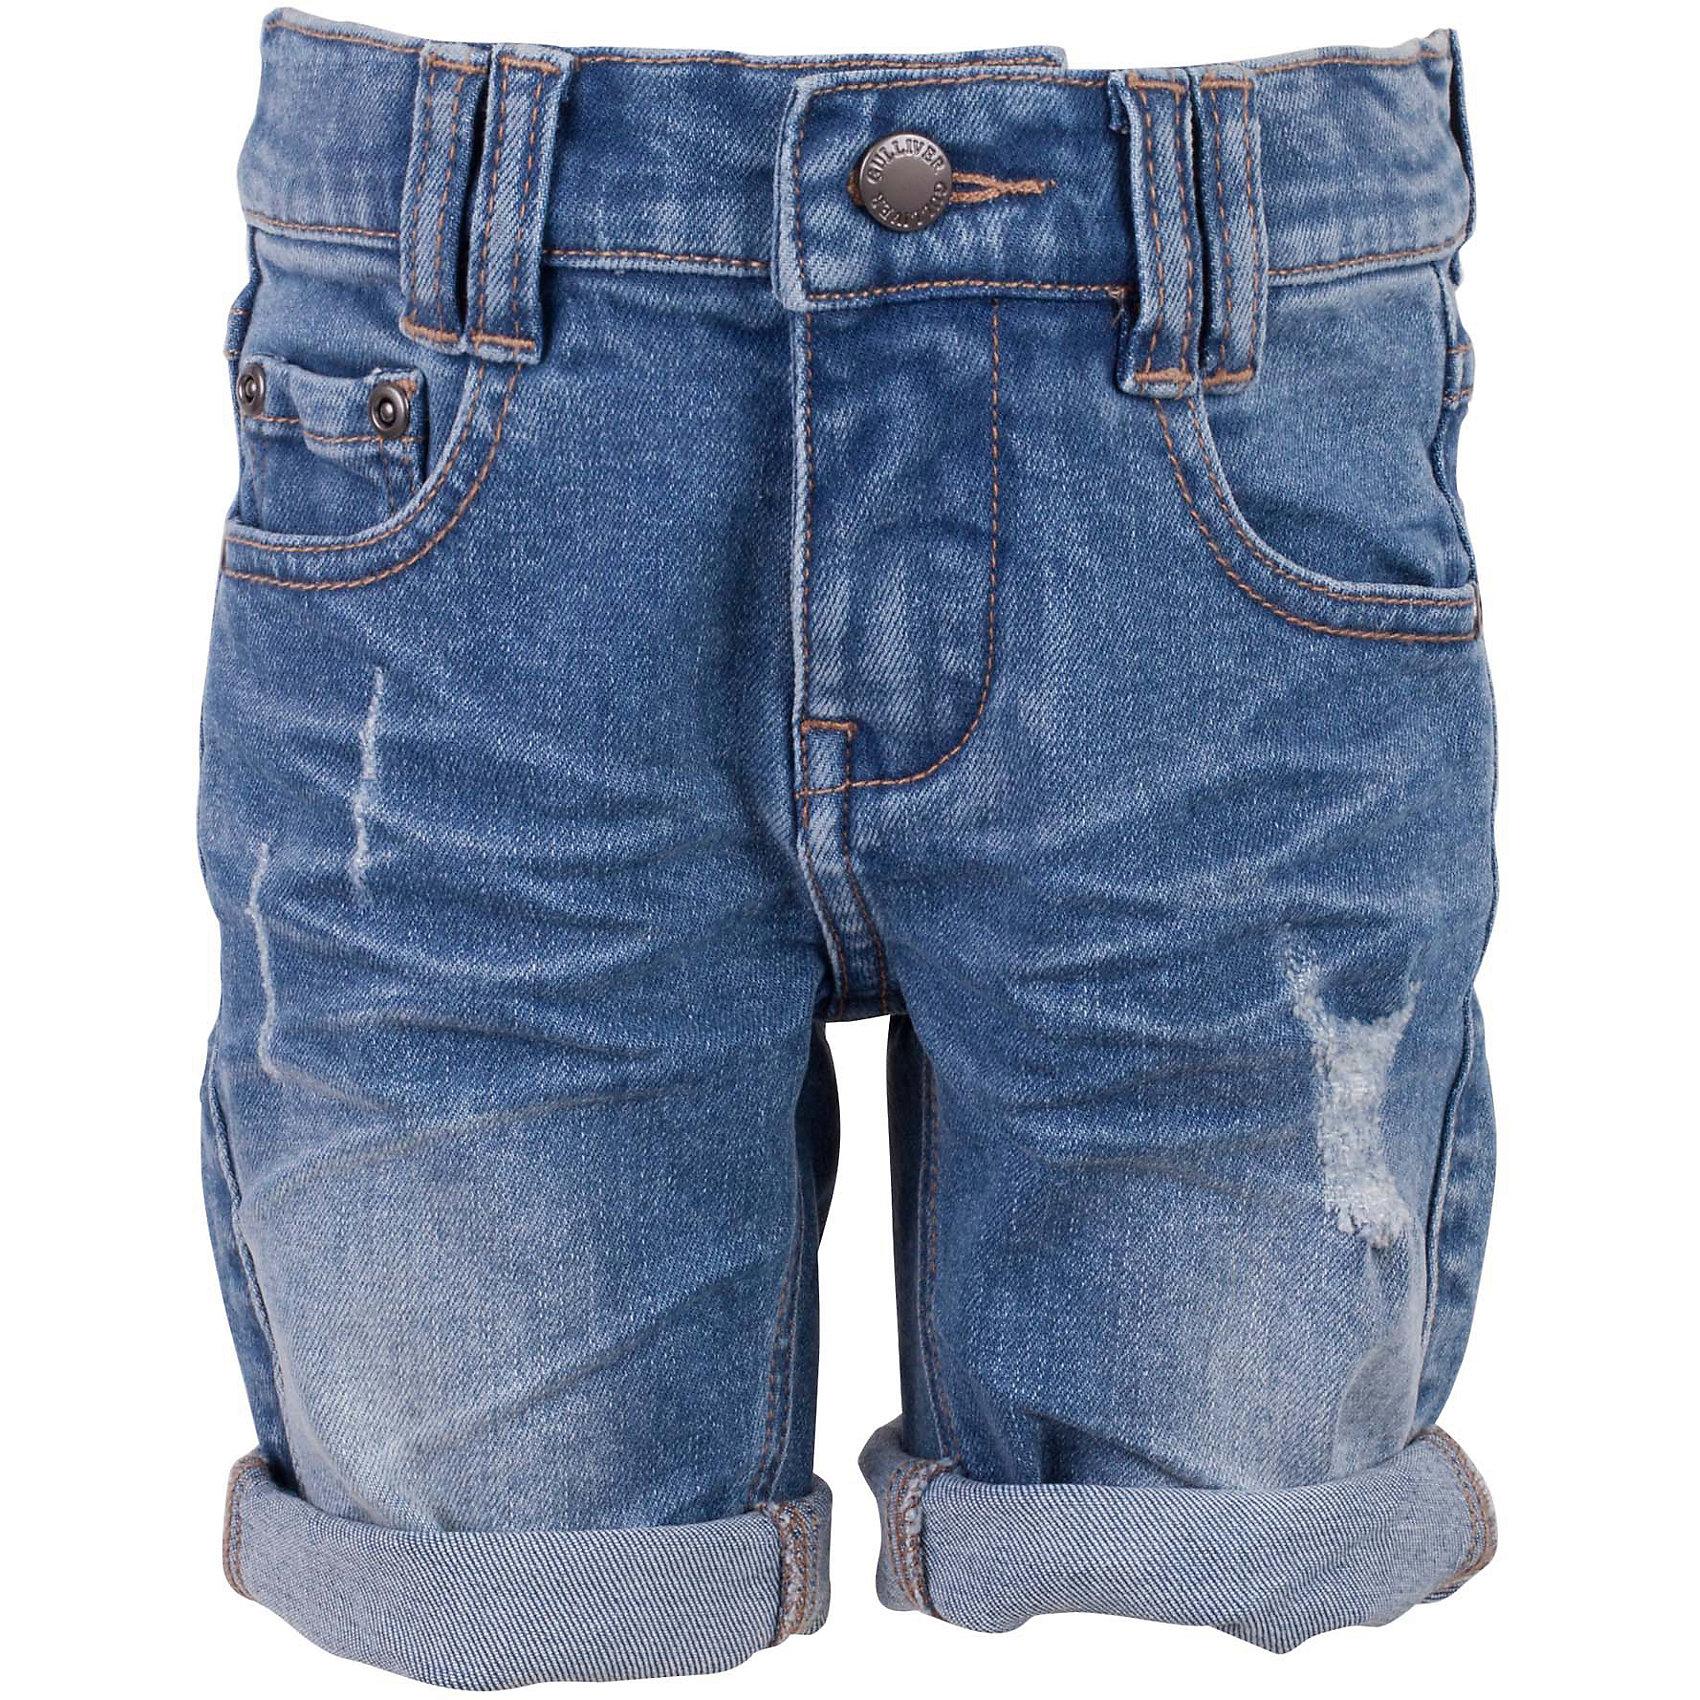 Шорты джинсовые для мальчика GulliverДжинсовая одежда<br>Джинсовые шорты для мальчика - изделие из разряда must have! Во-первых, это стильный удобный элемент гардероба, идеально подходящий к любой футболке, майке, джемперу. Во-вторых, джинсовые шорты очень практичны, а значит, незаменимы для активных игр и долгих прогулок. Многие, конечно, уже привыкли к стильным джинсовым изделиям от Gulliver! Модная посадка изделия на фигуре, варка, повреждения, потертости... В сезоне Весна/Лето 2017 у вас снова есть шанс купить шорты от лучшего бренда! Голубые джинсовые шорты для мальчика - оптимальное решение для яркого и комфортного лета!<br>Состав:<br>100% хлопок<br><br>Ширина мм: 191<br>Глубина мм: 10<br>Высота мм: 175<br>Вес г: 273<br>Цвет: голубой<br>Возраст от месяцев: 48<br>Возраст до месяцев: 60<br>Пол: Мужской<br>Возраст: Детский<br>Размер: 98,116,110,104<br>SKU: 5483927